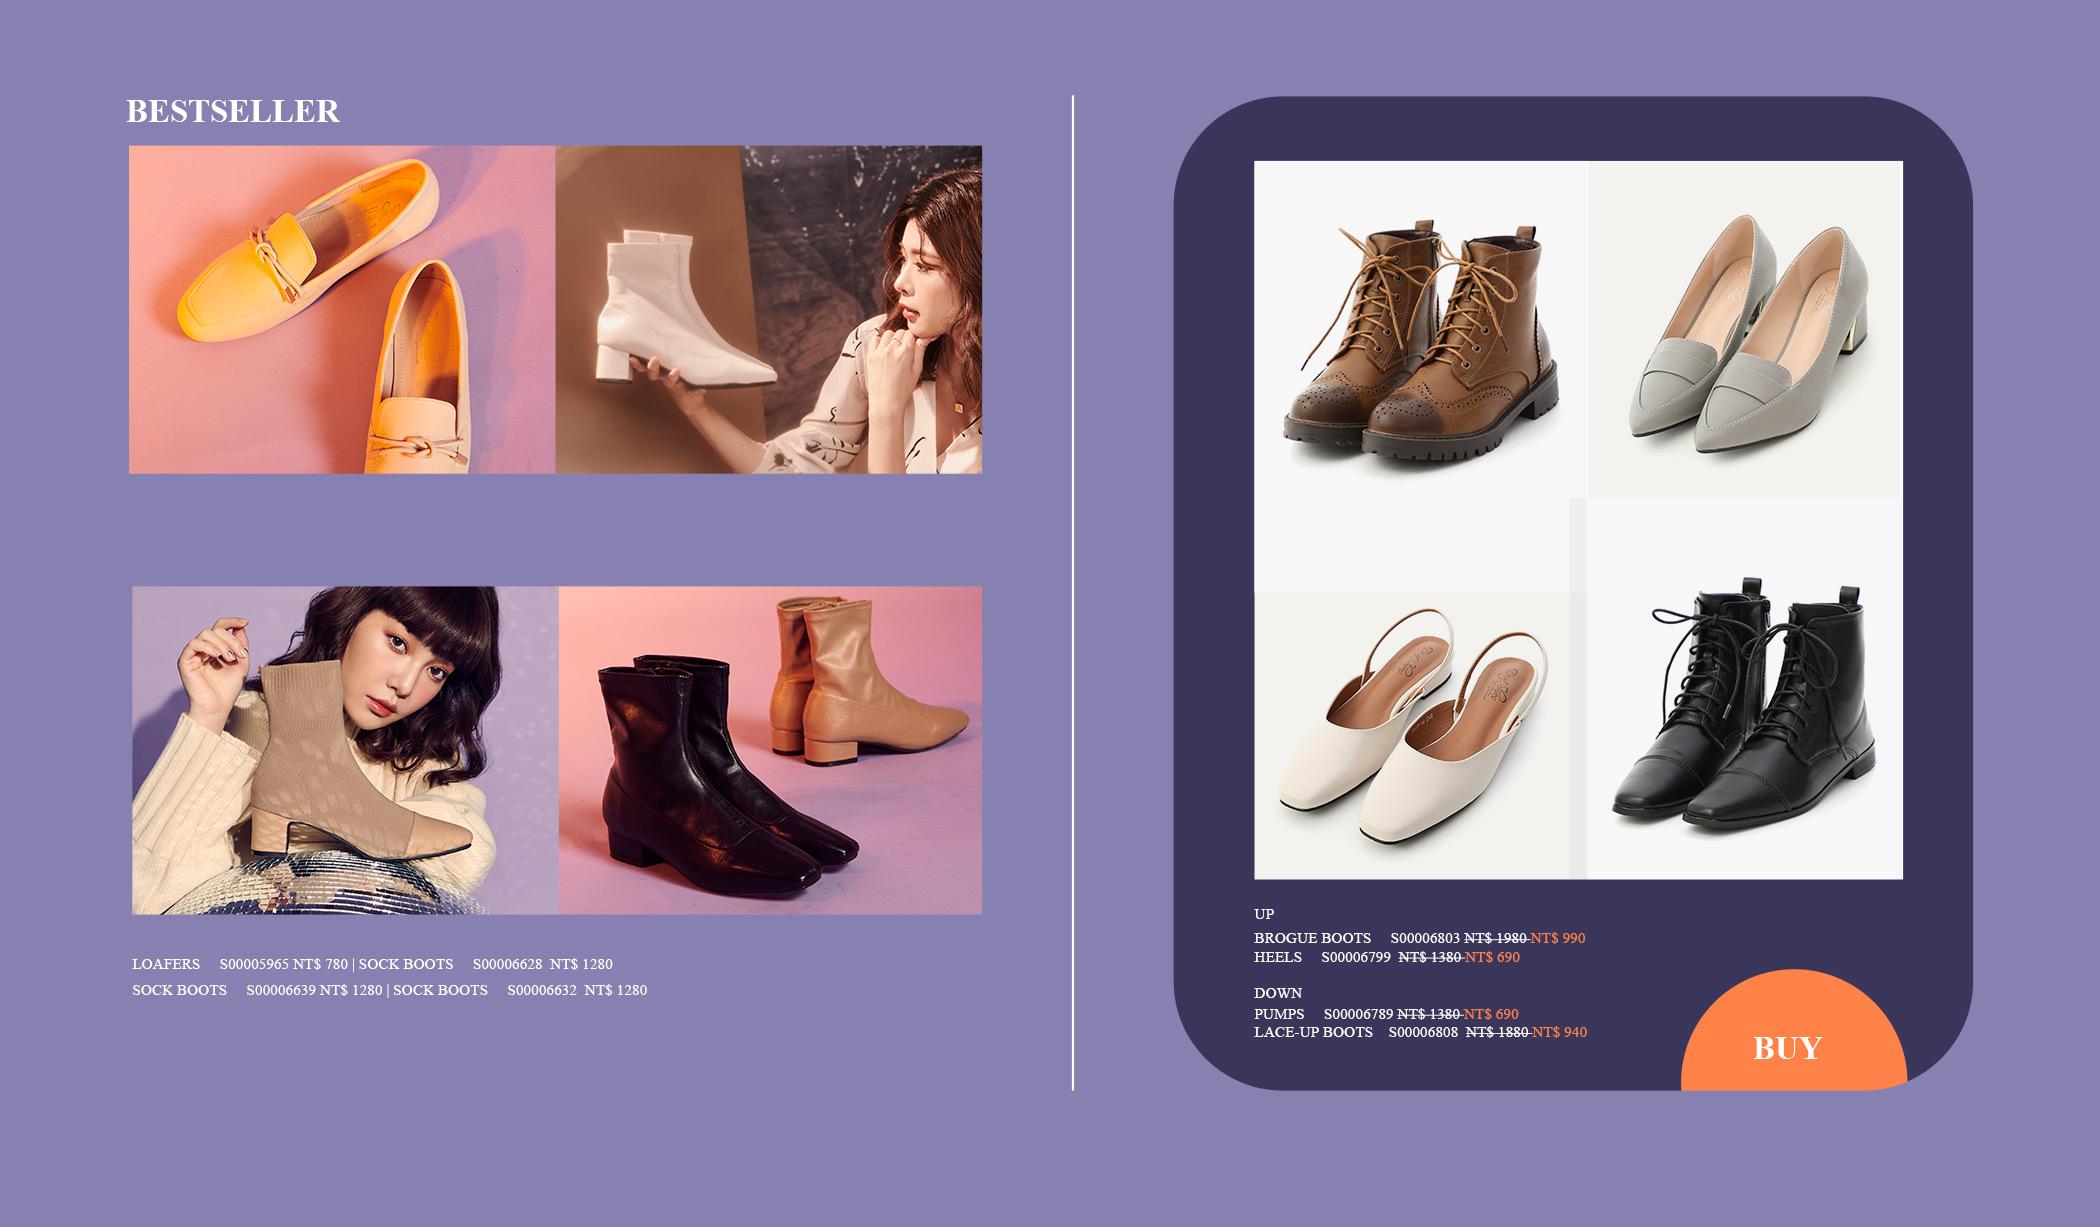 2019熱銷鞋款 靴款 ,新品上市限時5折